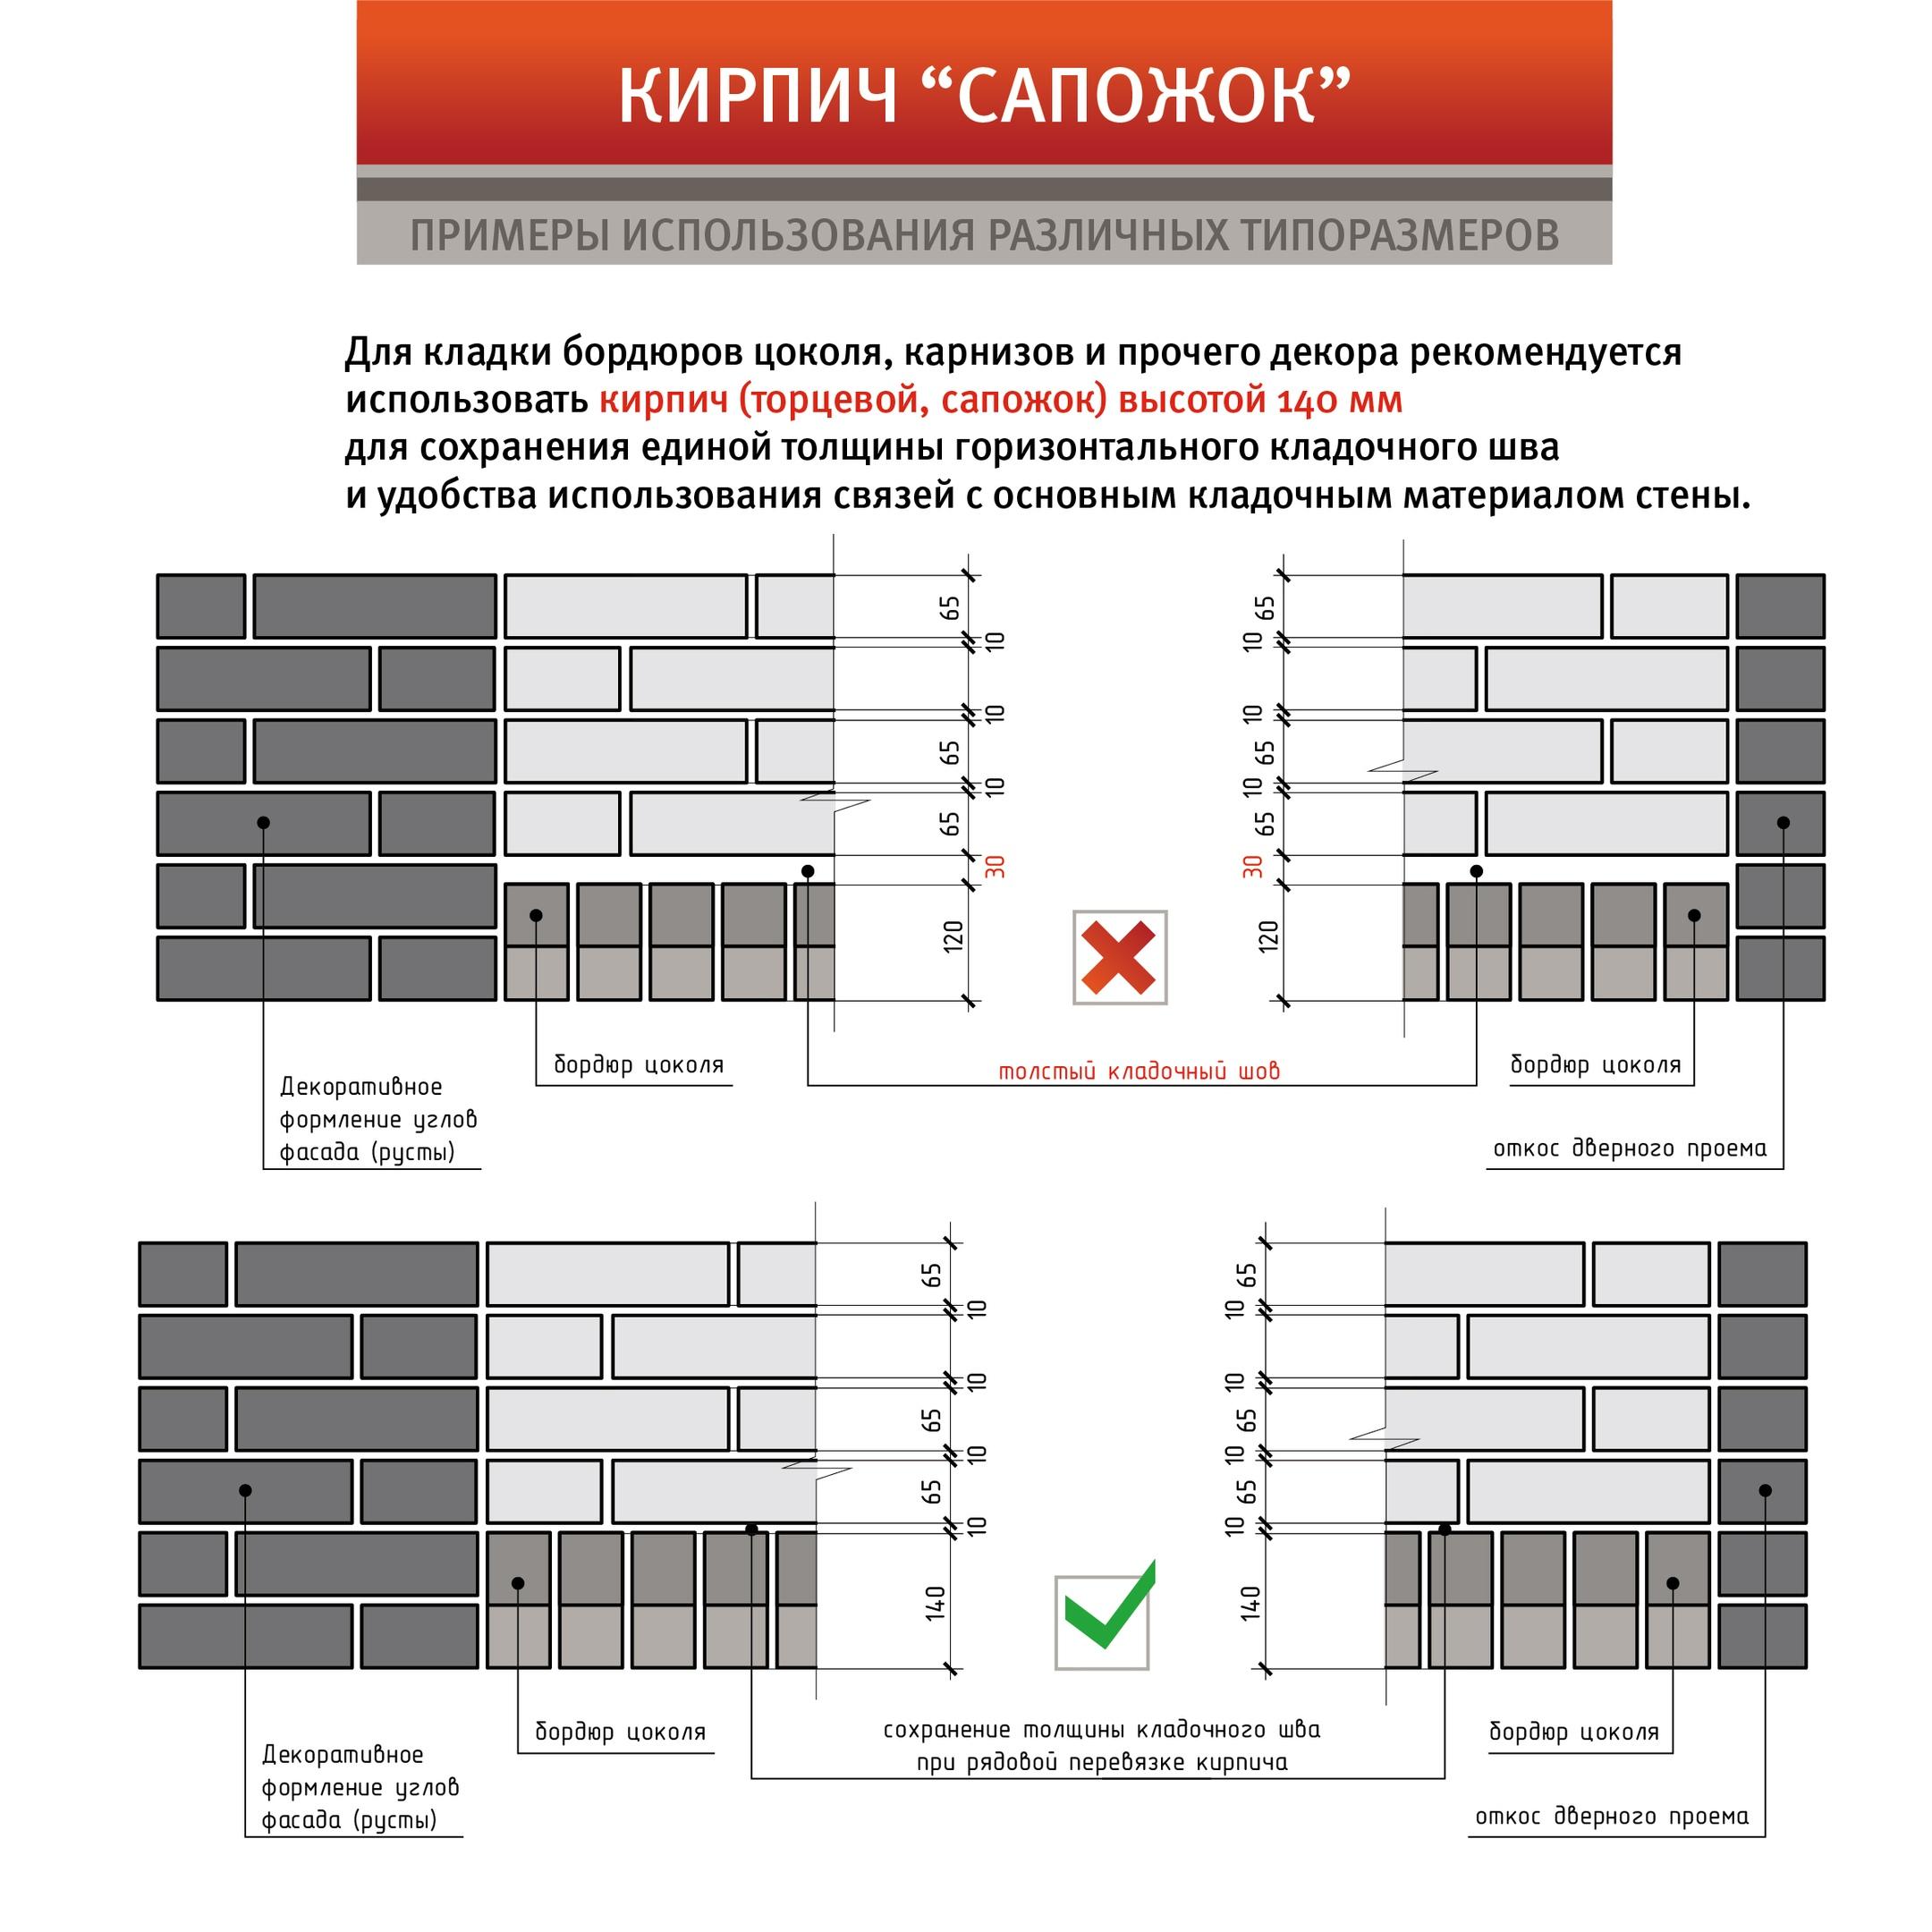 Кирпич сапожок - это декоративный элемент, применяющийся в большинстве случаев для отделения цокольных частей от основного фасада.